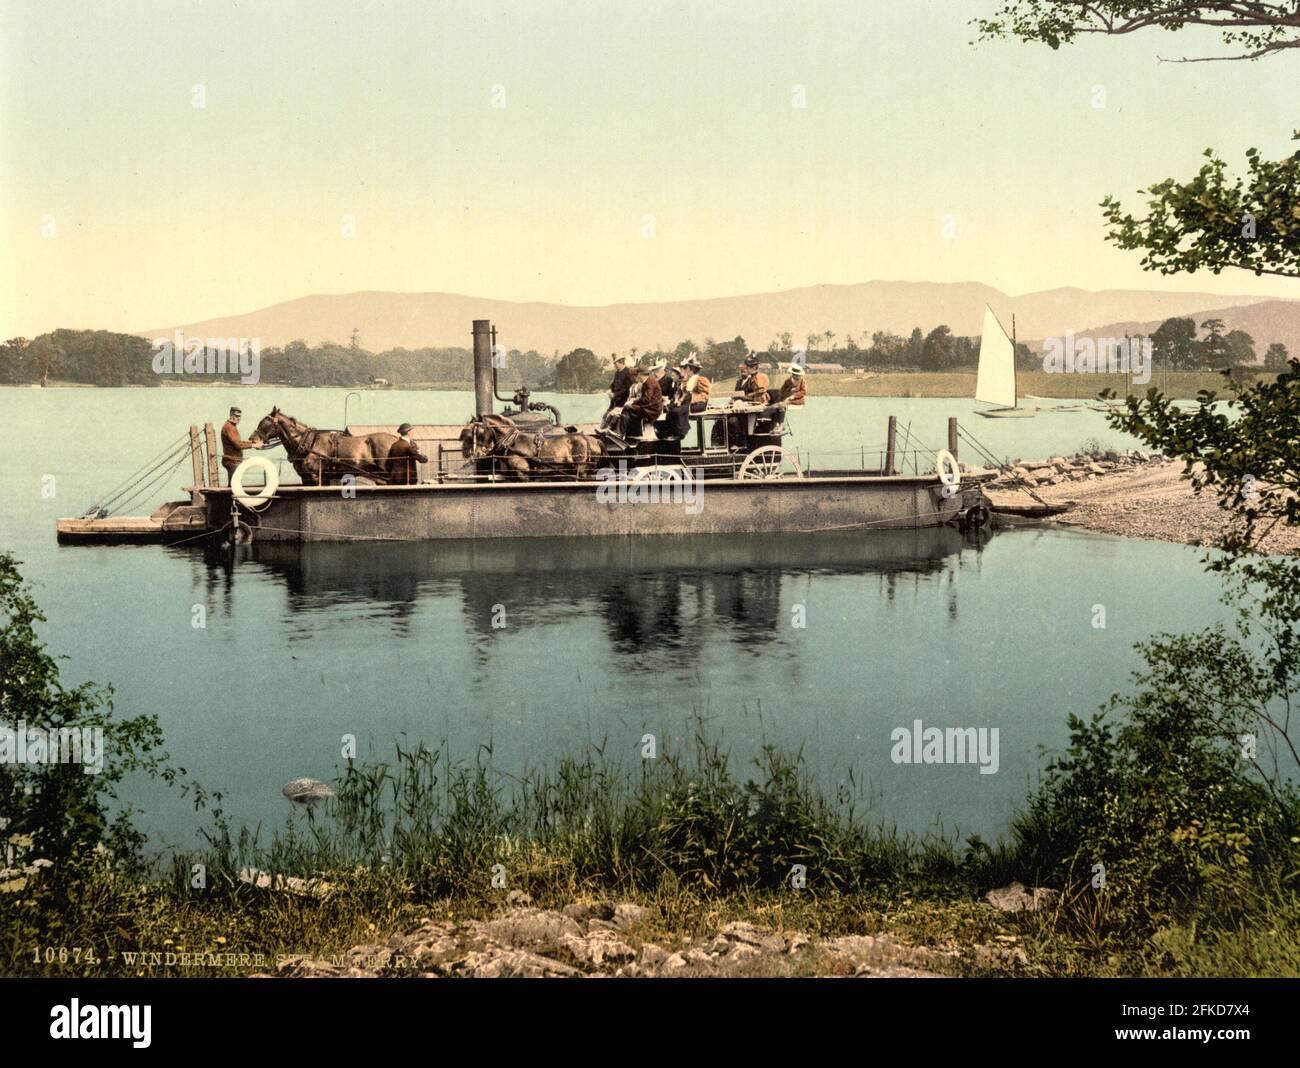 El ferry de vapor Windermere en el Distrito de los Lagos, Cumbria alrededor de 1890-1900 Foto de stock